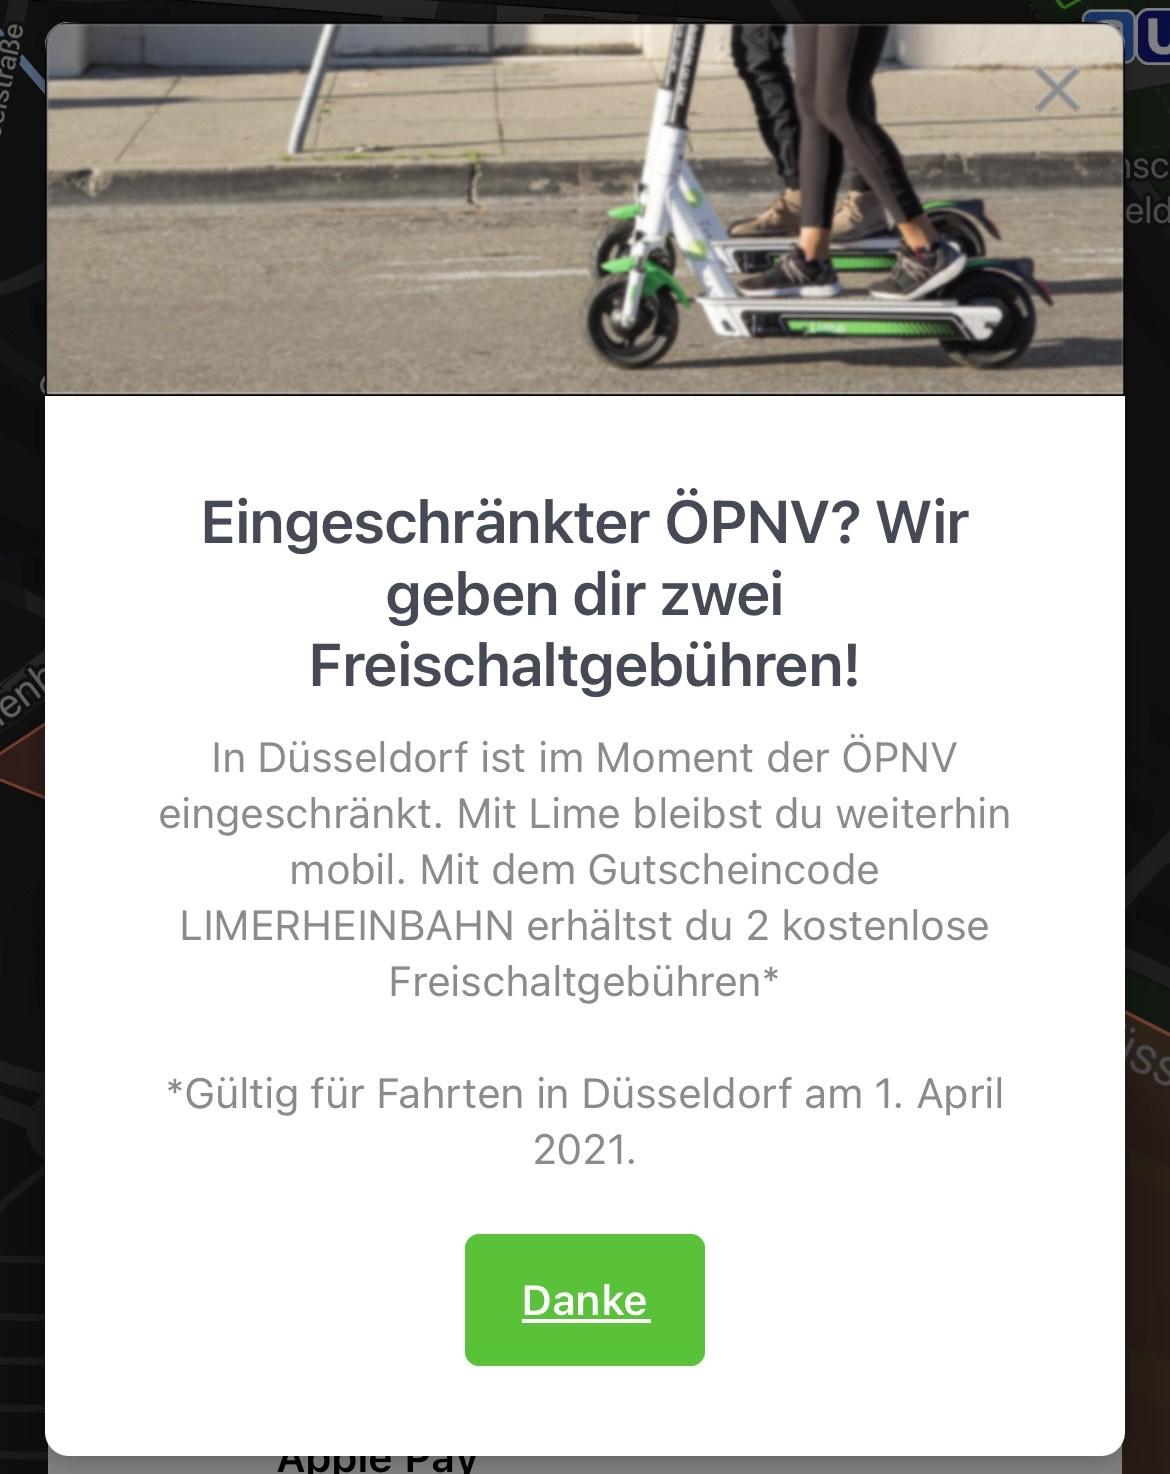 2 KOSTENLOSE FREISCHALTGEBÜHREN in Düsseldorf    Lime Scooter